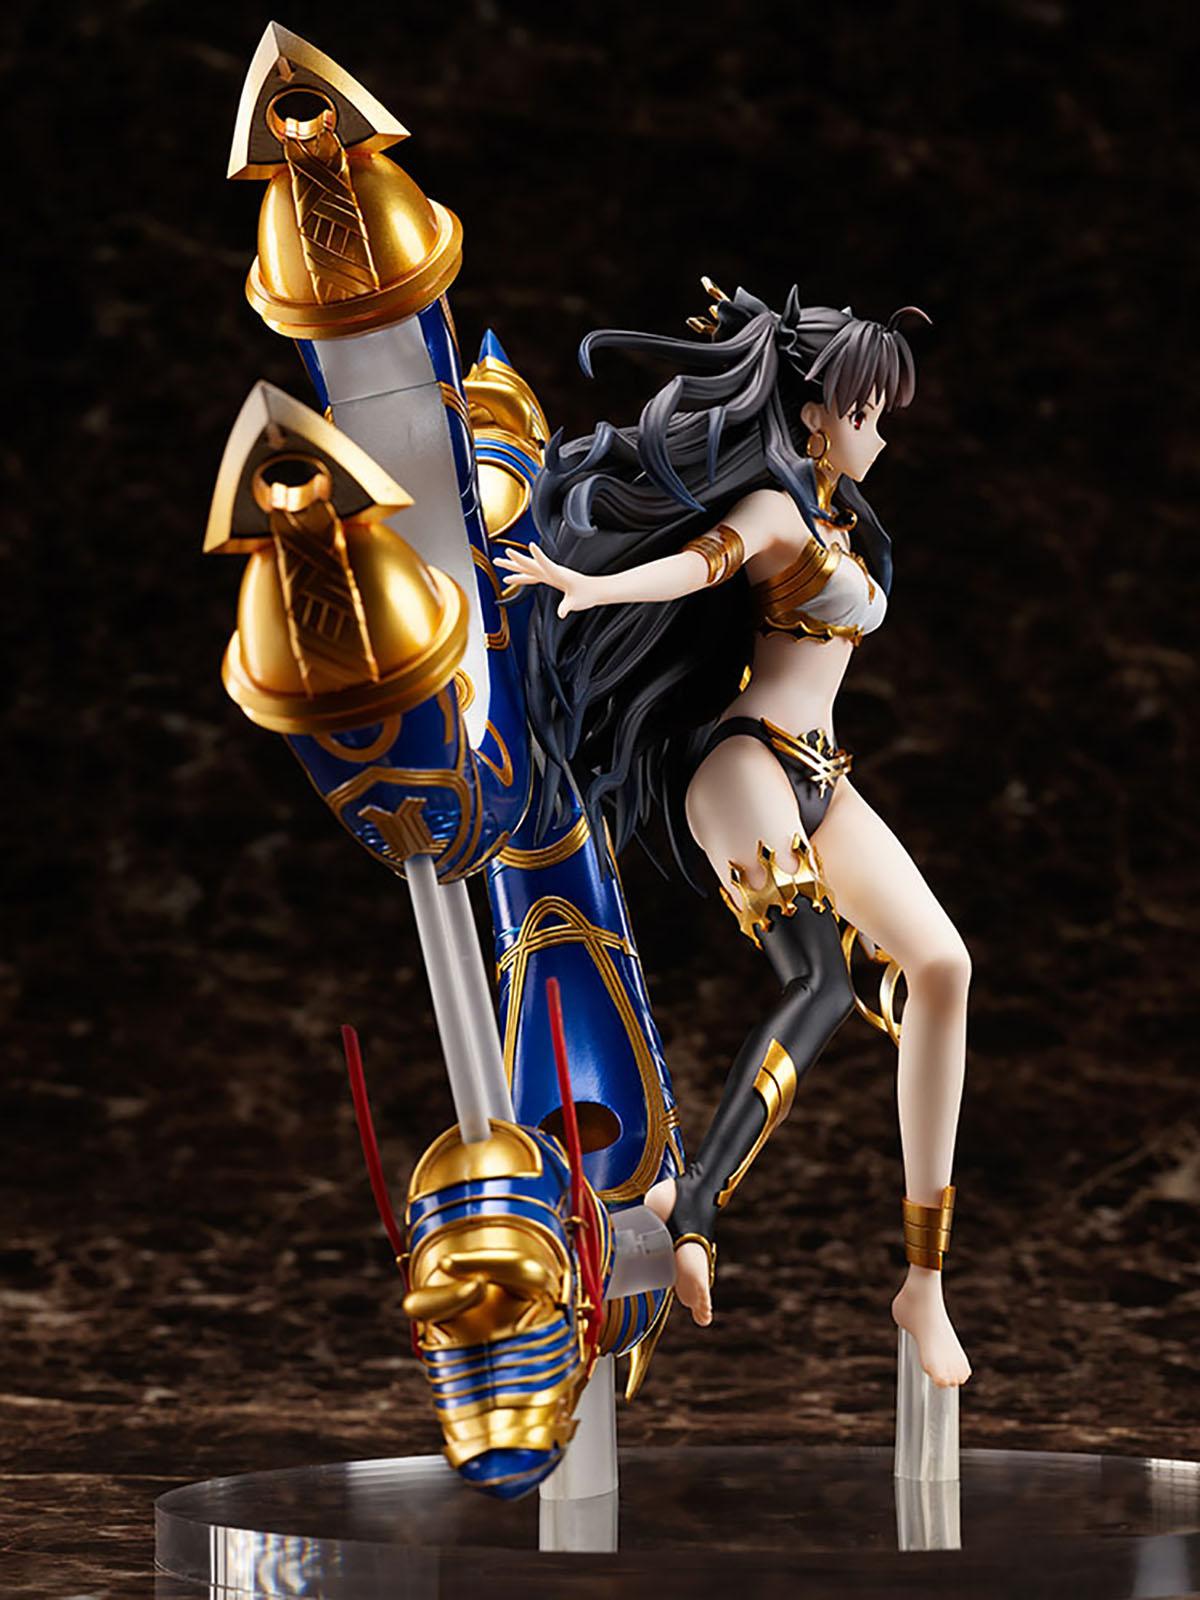 【限定販売】Fate/Grand Order『 アーチャー/イシュタル』1/7 完成品フィギュア-009